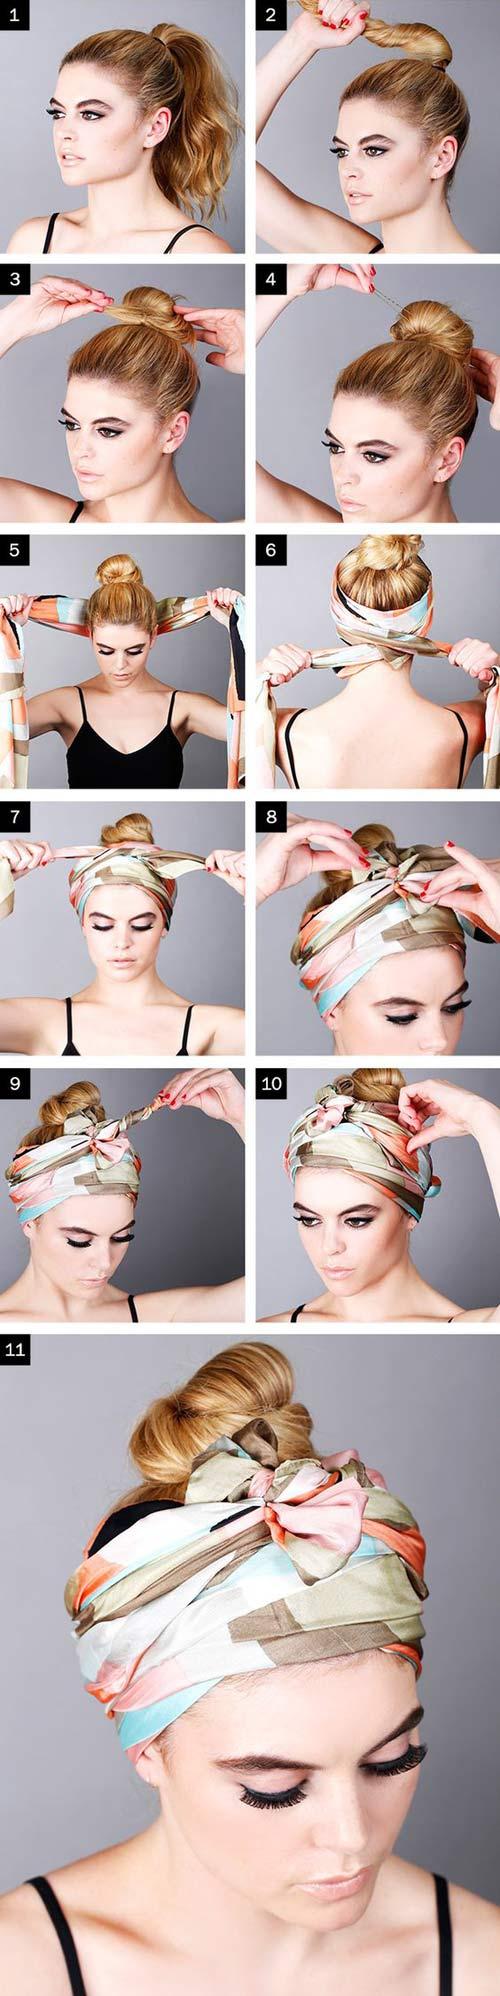 Biến tấu cho tóc đẹp quên sầu chỉ bằng 1 chiếc khăn-1